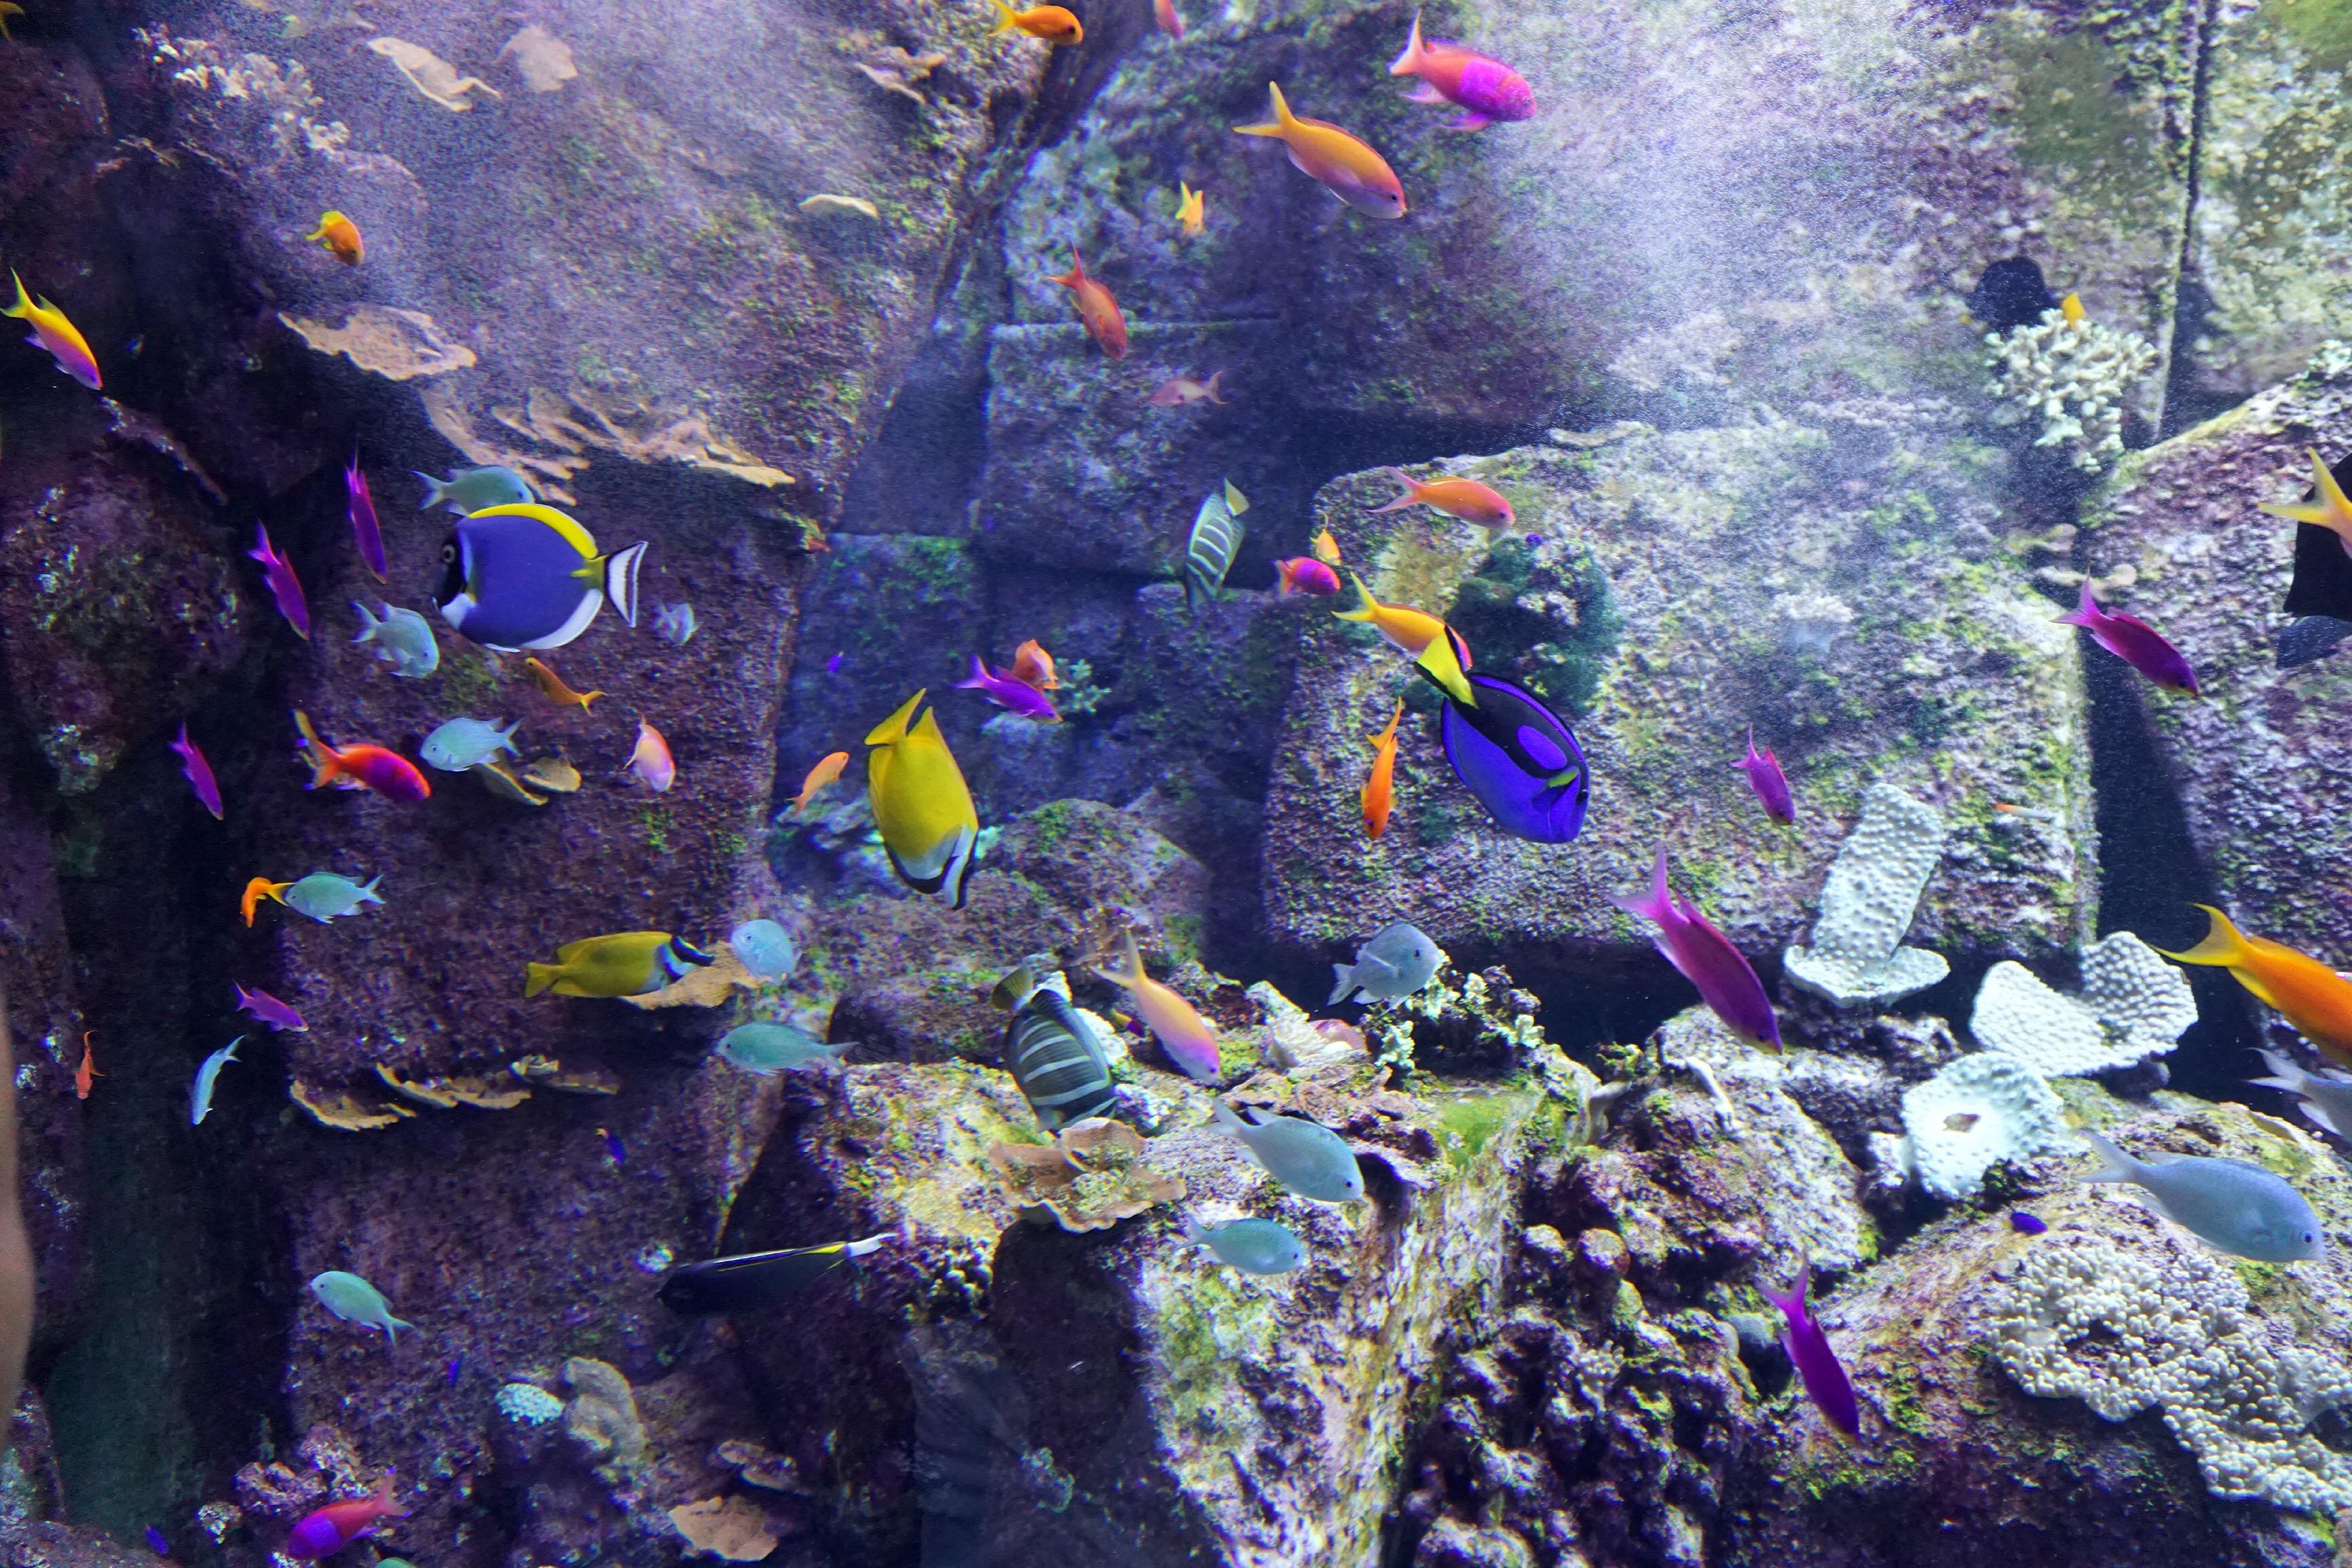 fish-aquarium-atlantis-dubai